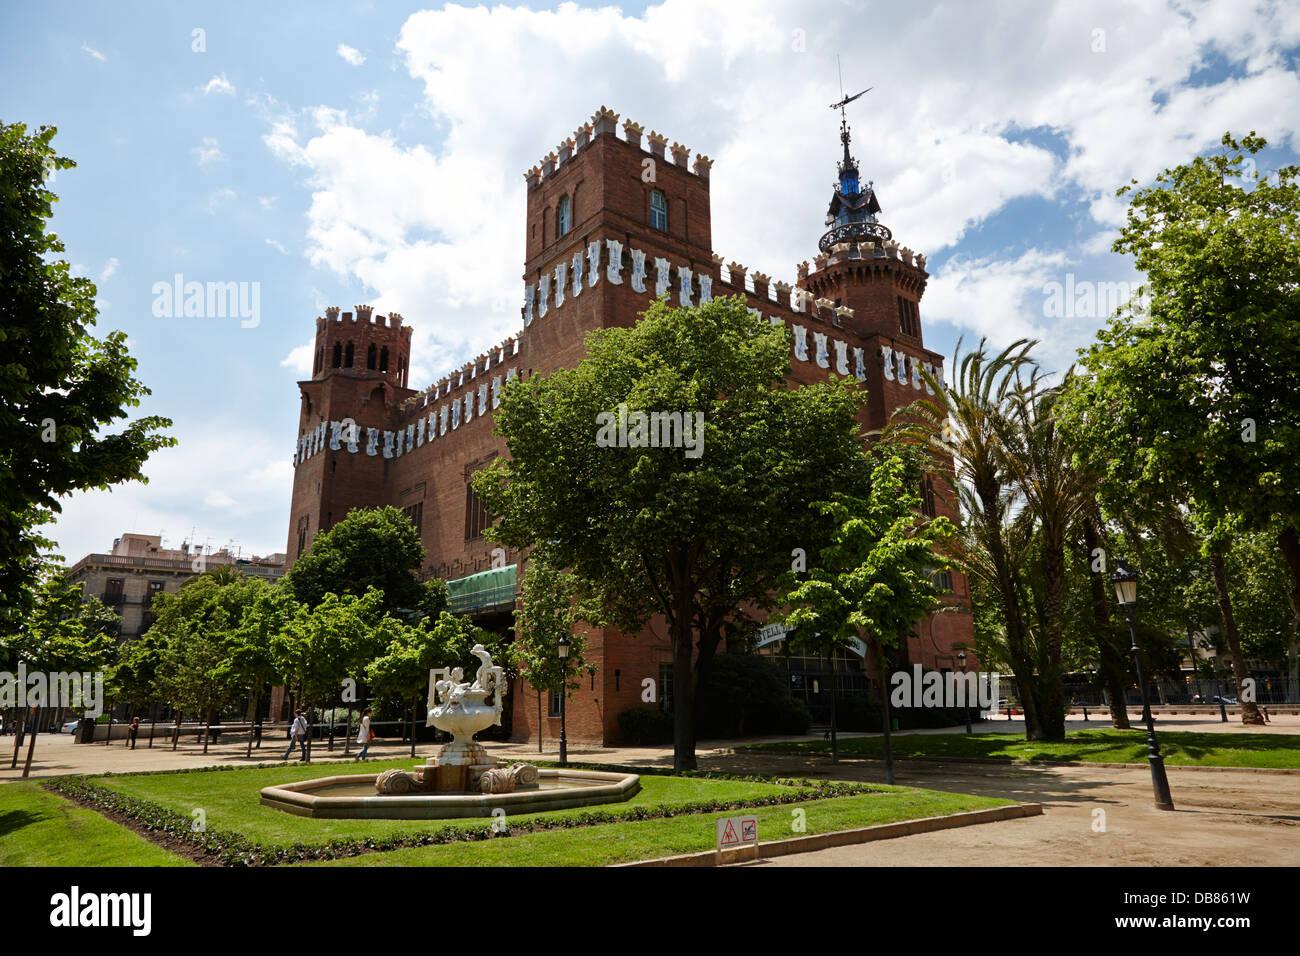 Zoologia museo di scienza naturale Castell dels tres dragons Parc de la Ciutadella Barcellona Catalonia Spagna Immagini Stock